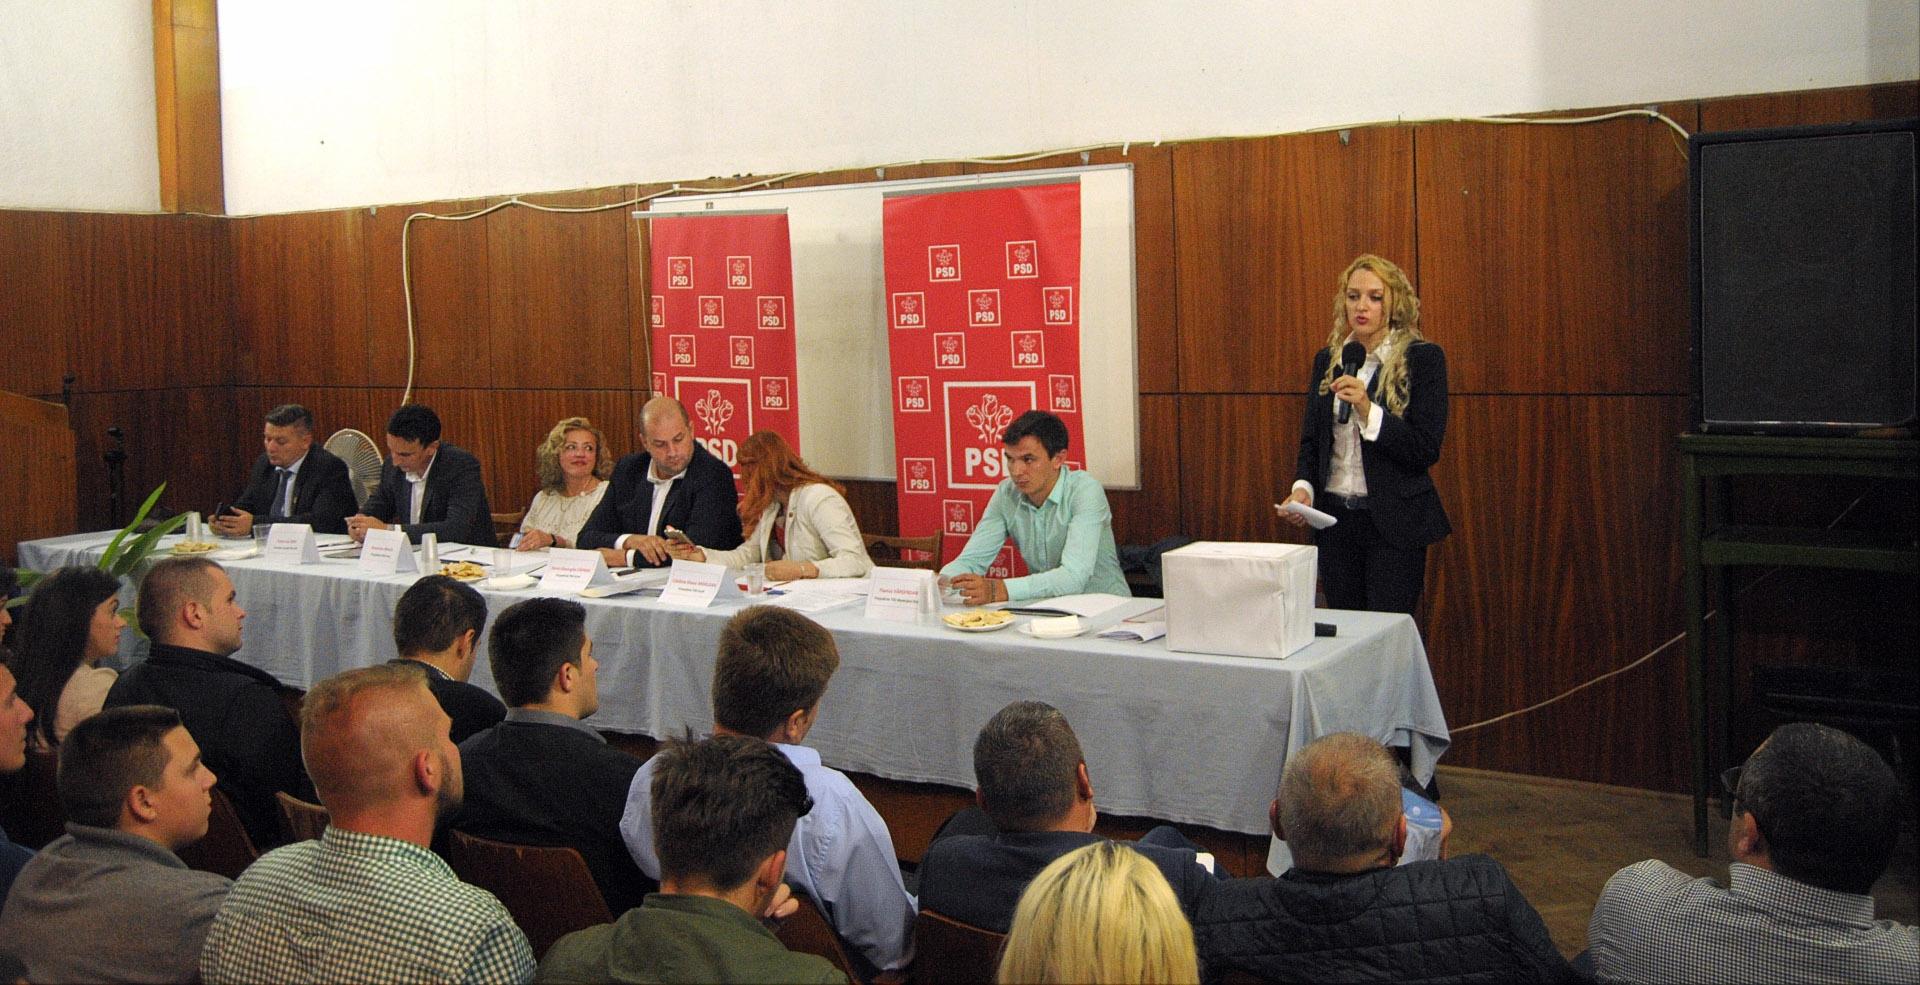 Conducere nouă pentru Organizația județeană de Pensionari a PSD și TSD Arad